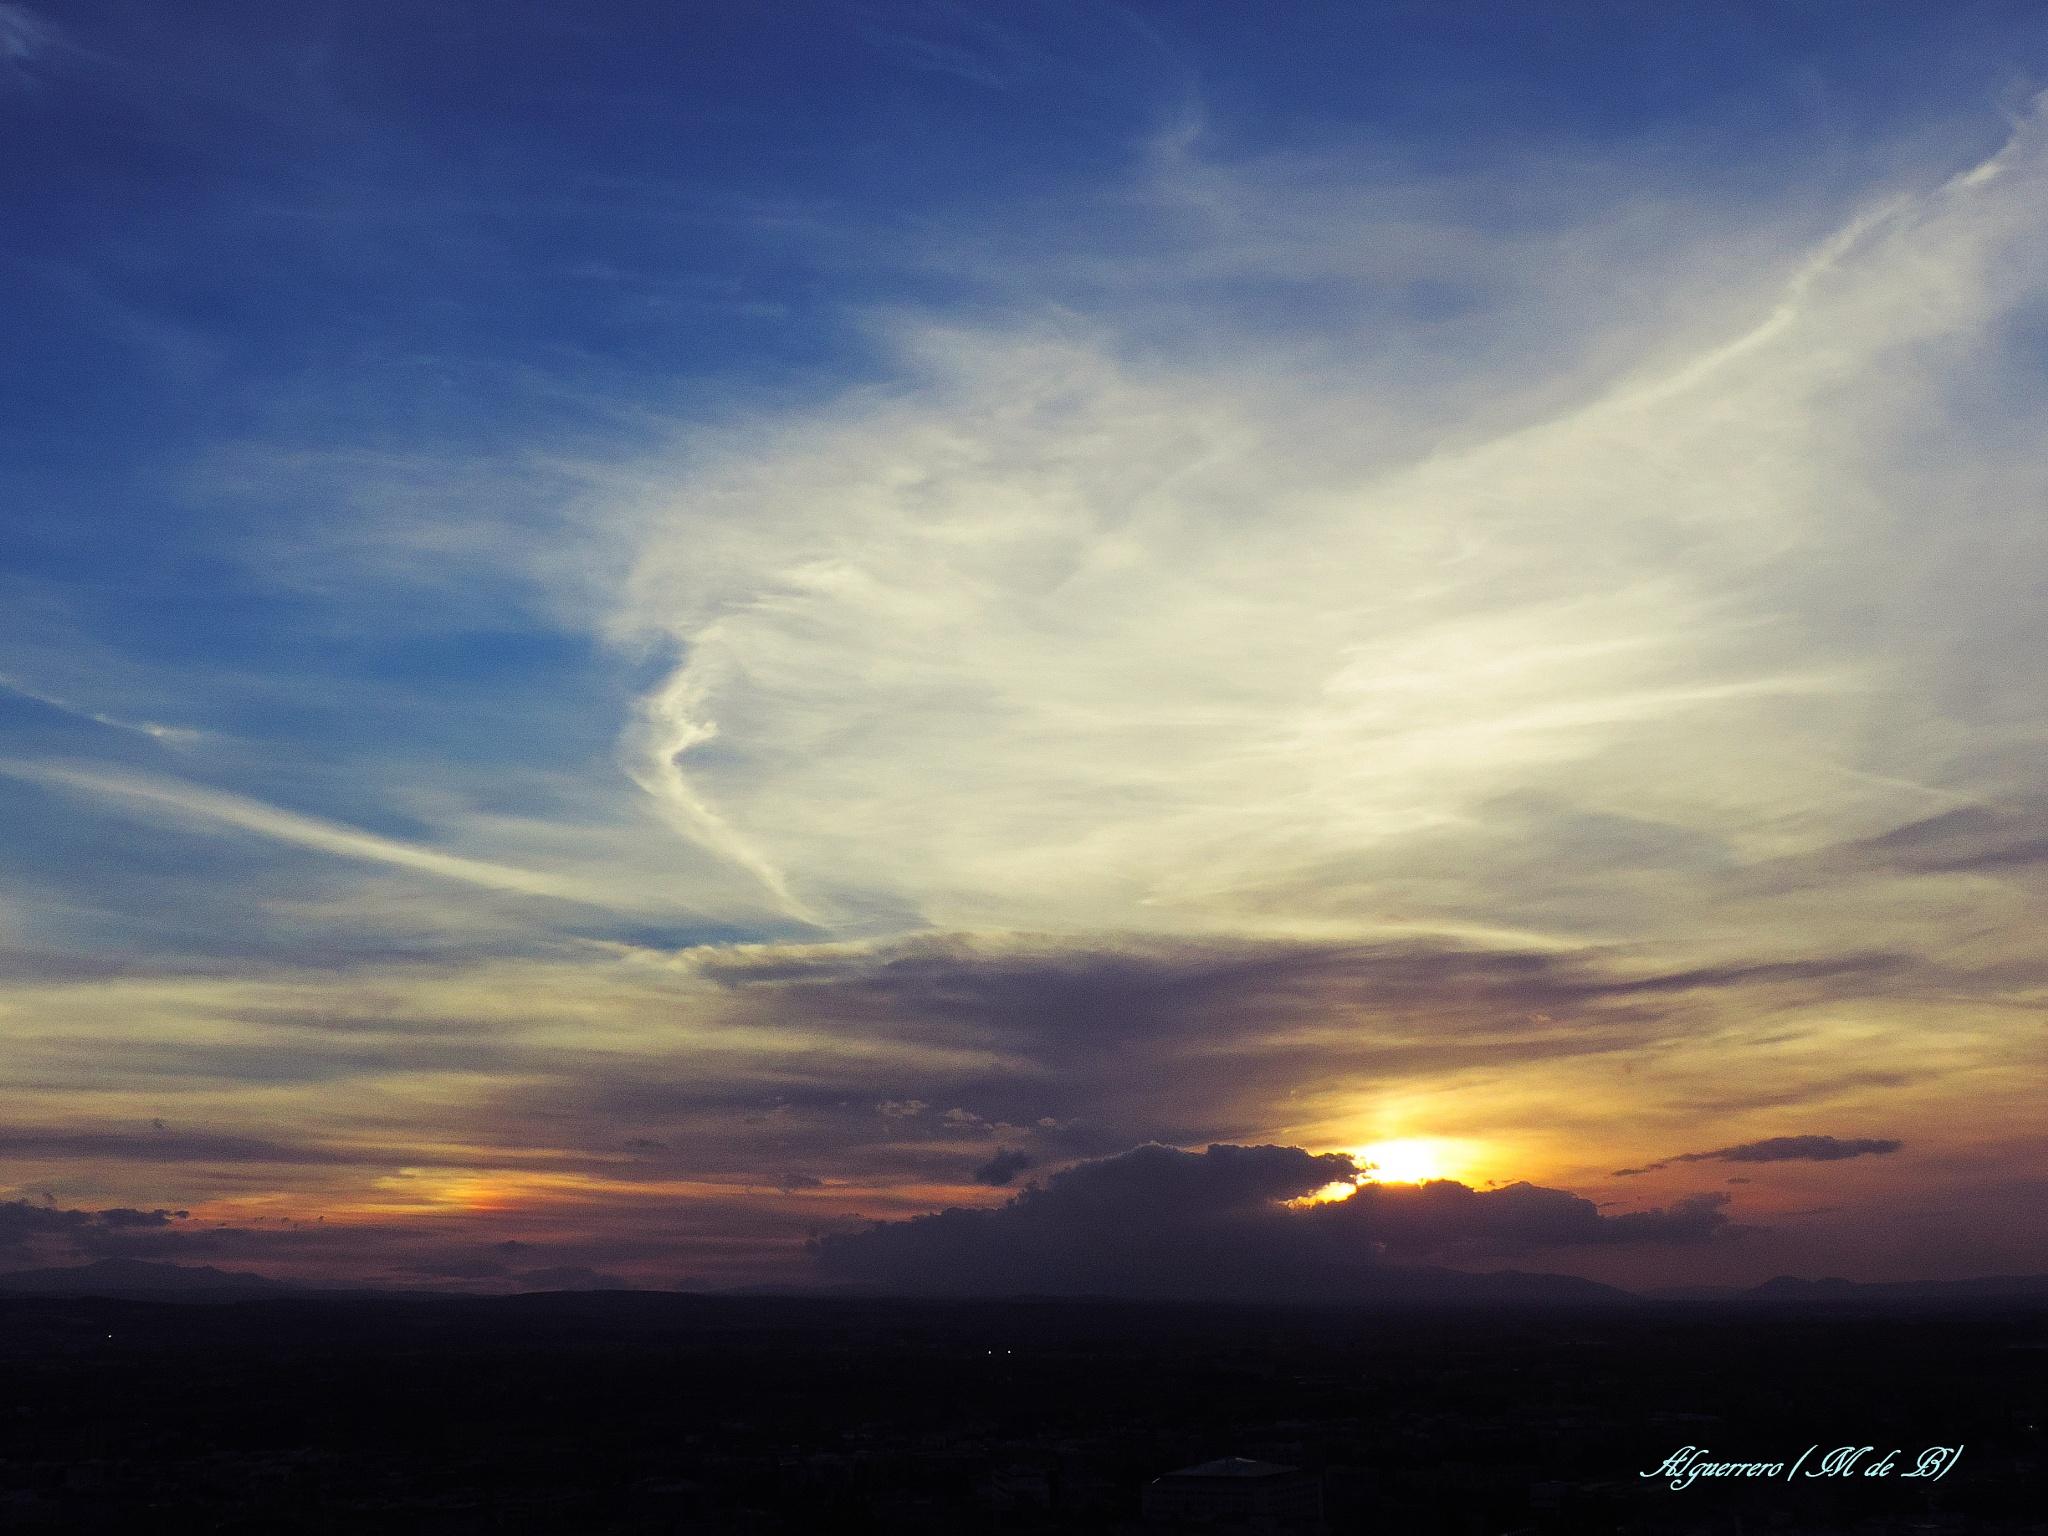 Puesta de sol en Granada. (Sunset) by Angel L. Guerrero.